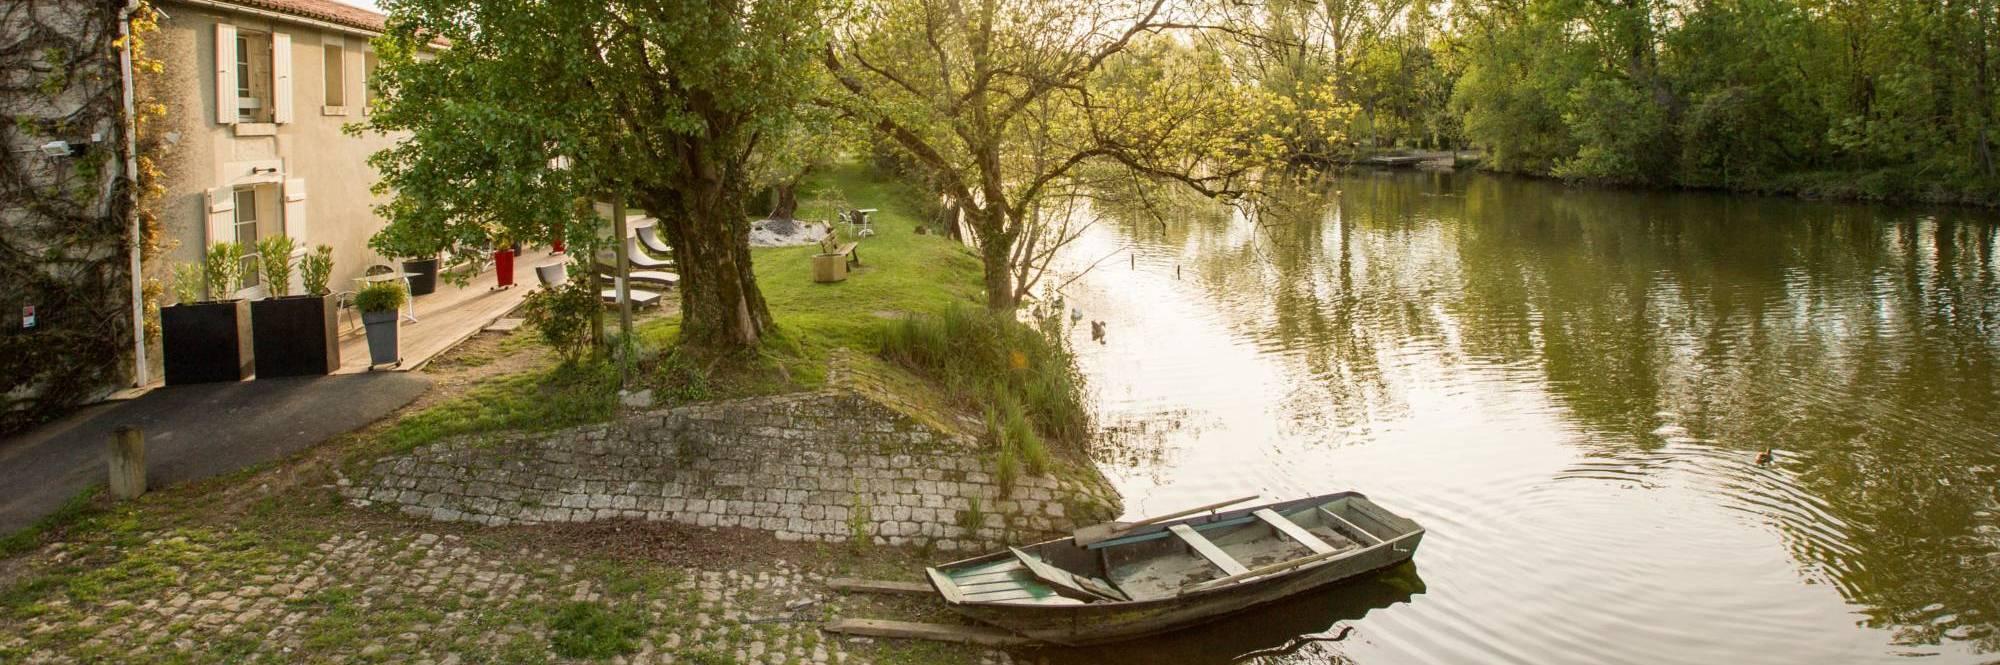 Choisissez votre hébergement pour vos vacances dans le Marais poitevin !